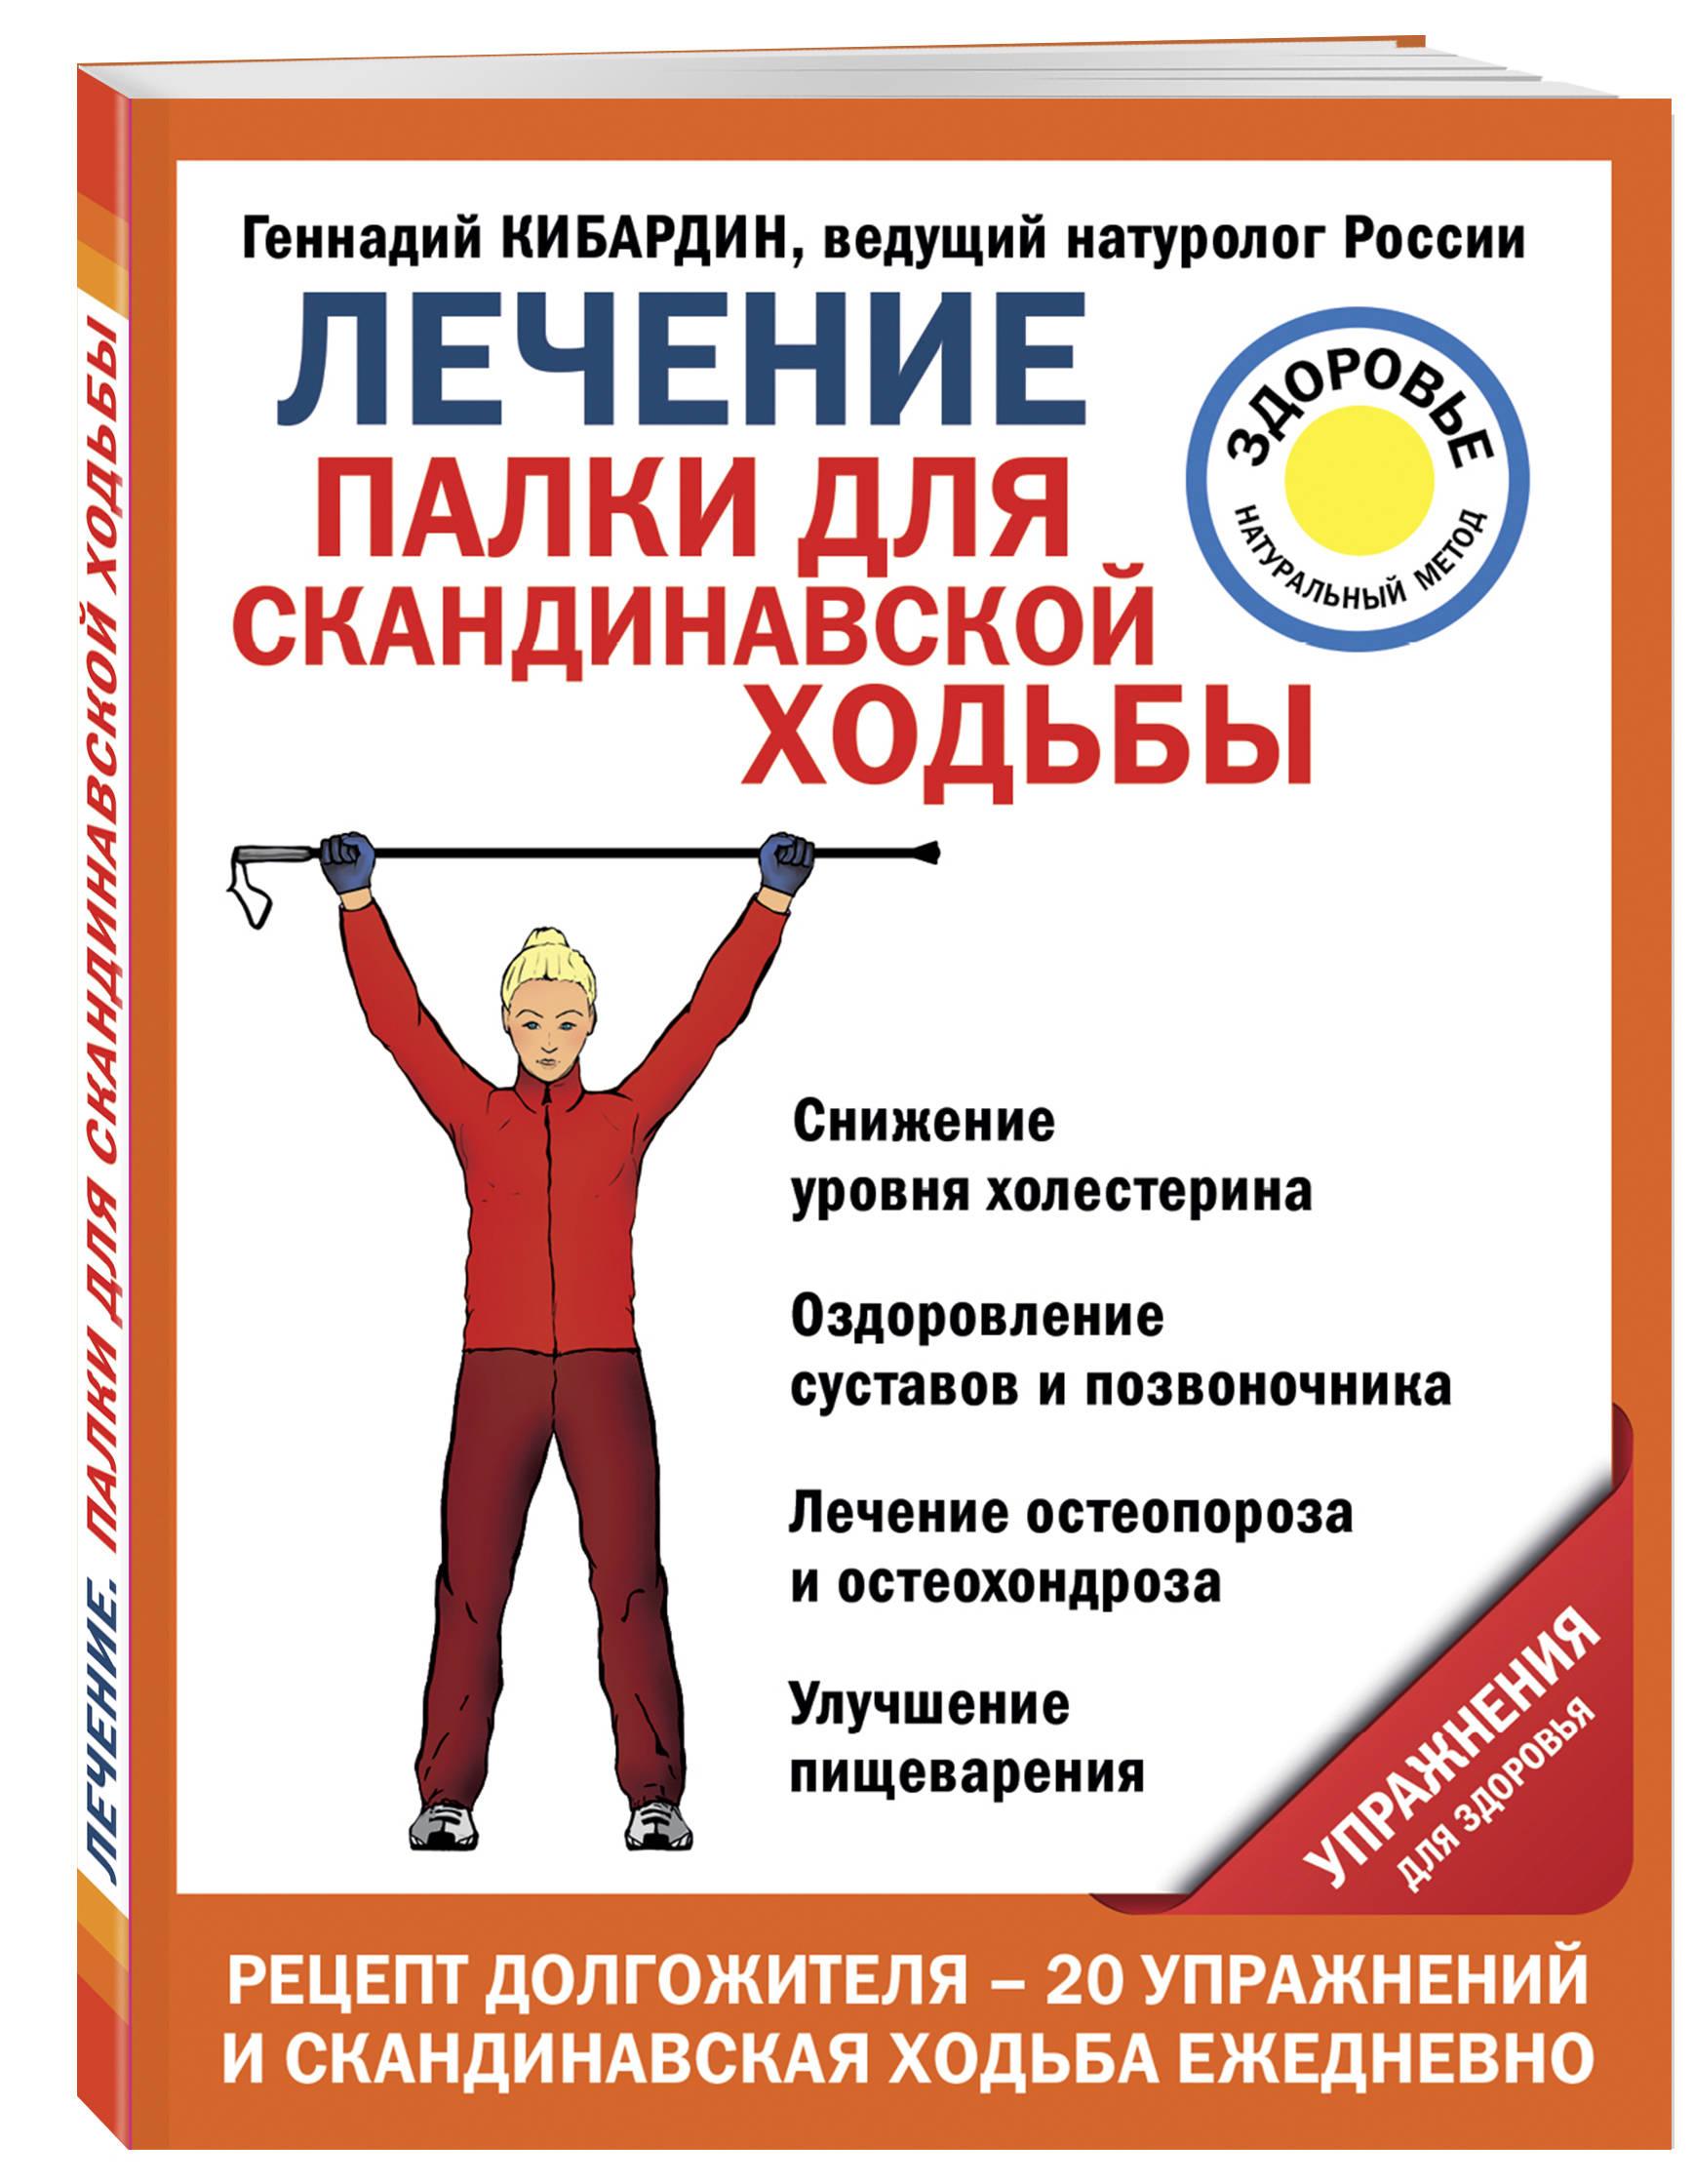 Лечение: палки для скандинавской ходьбы. Упражнения для здоровья ( Кибардин Г.М.  )